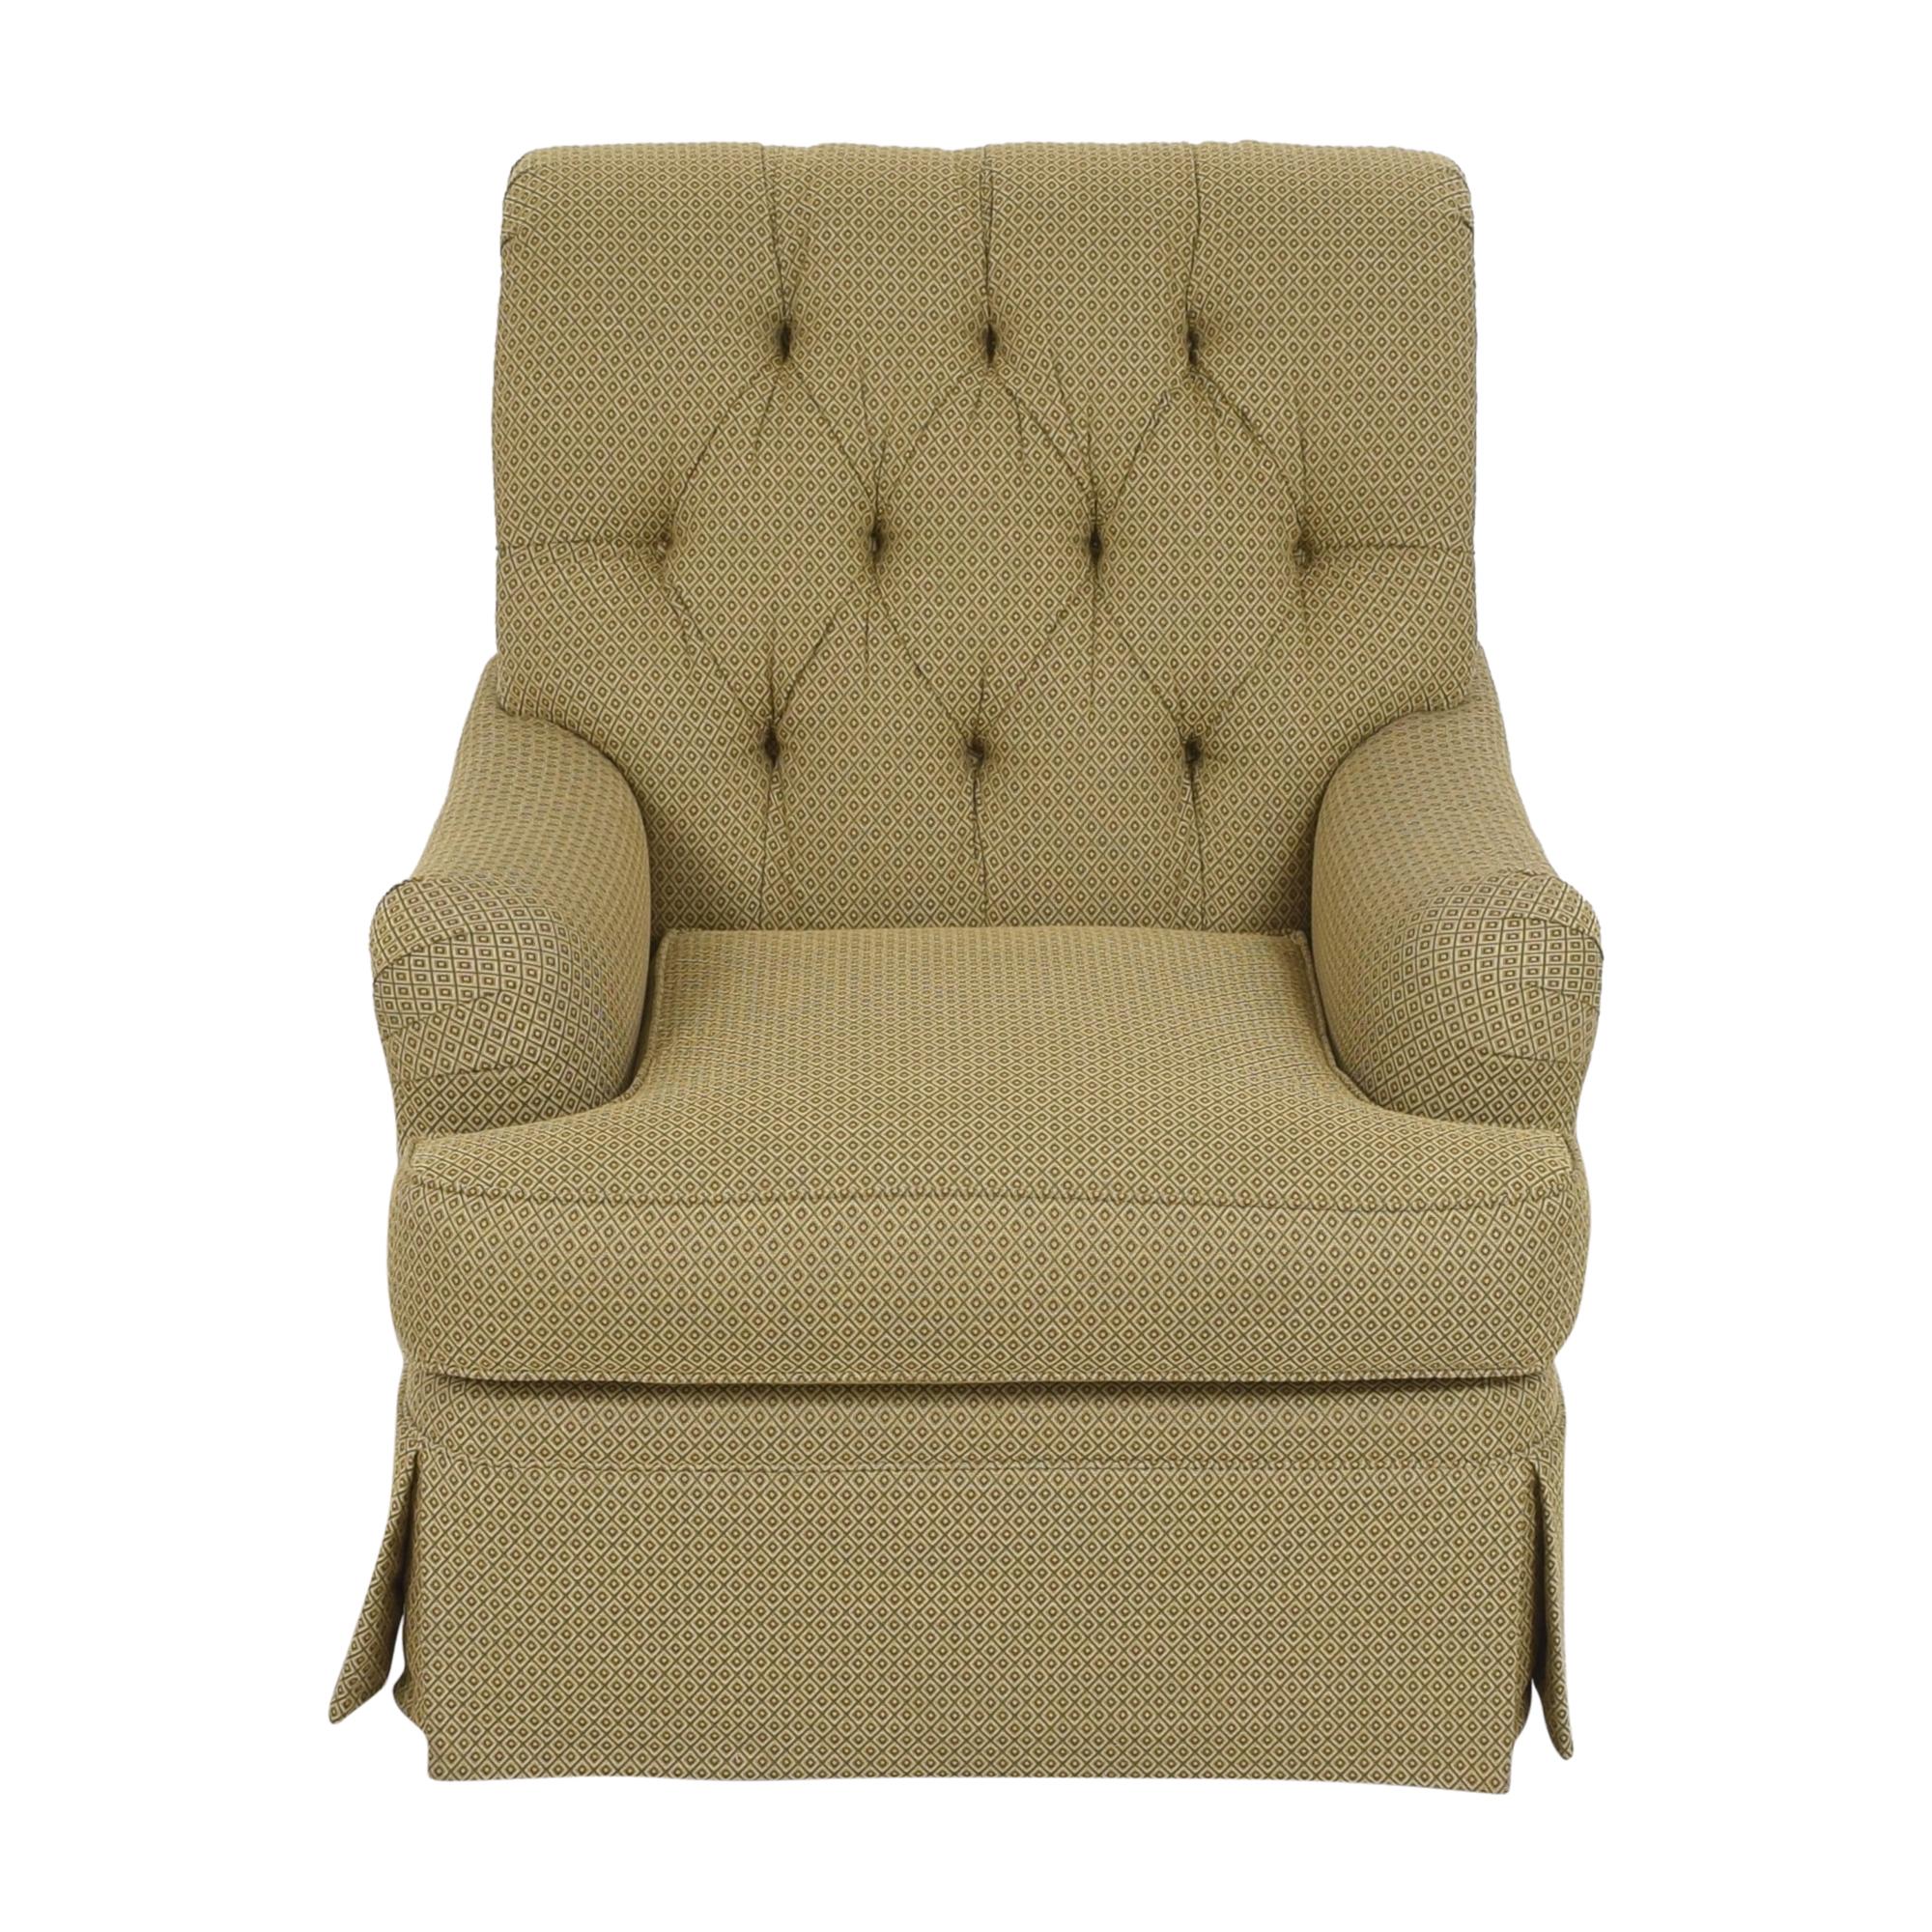 Henredon Furniture Henredon Furniture Scroll Back Accent Chair nj